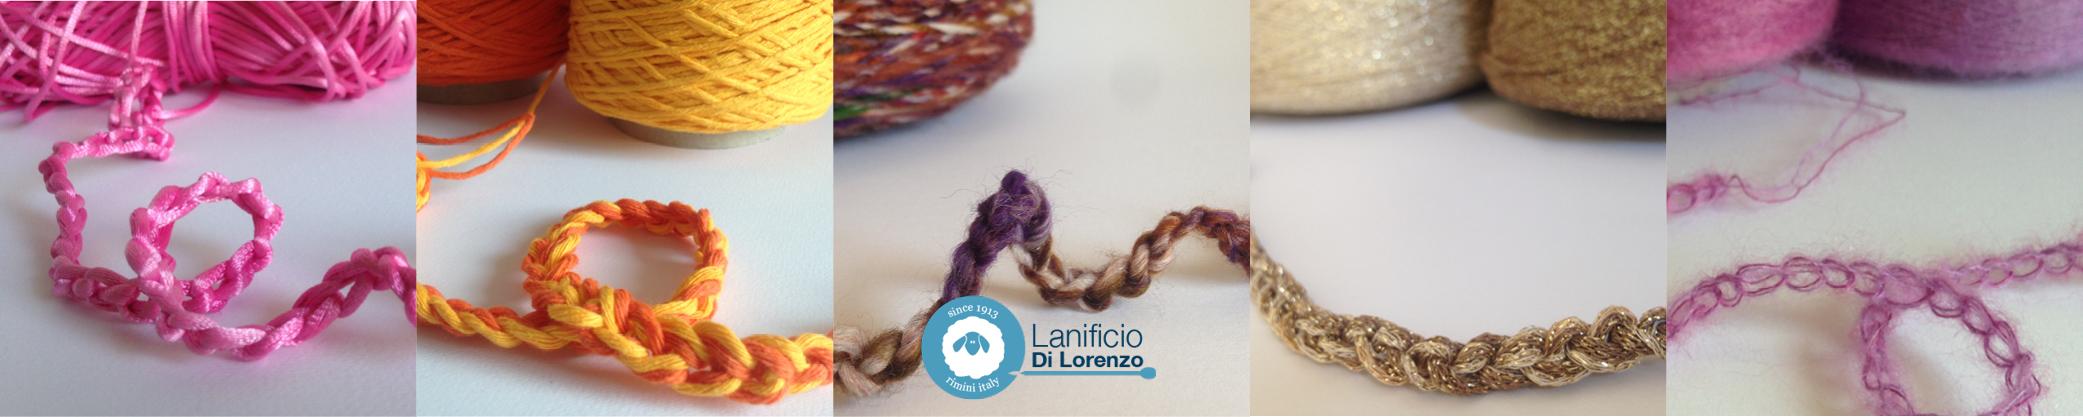 catenelle lanificio di lorenzo